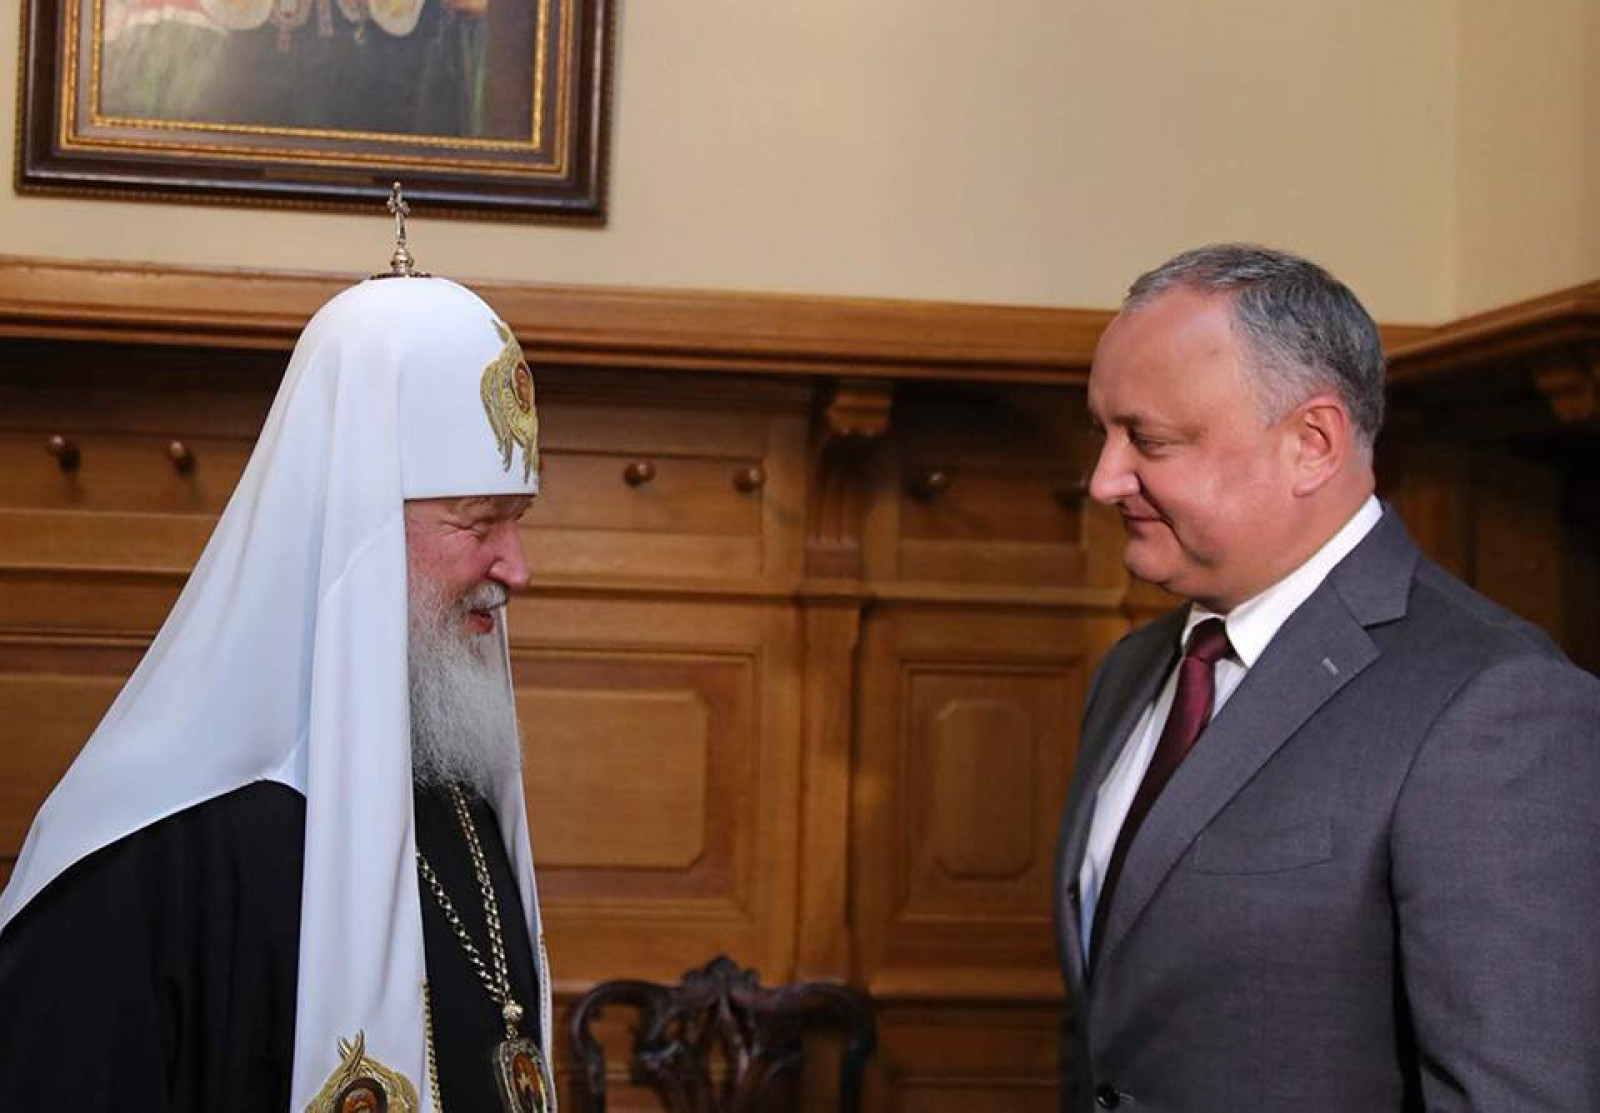 Înainte de marea deschidere a Cupei Mondiale FIFA 2018 la care a fost invitat, Dodon a decis să aibă o întrevedere cu Patriarhul Chiril